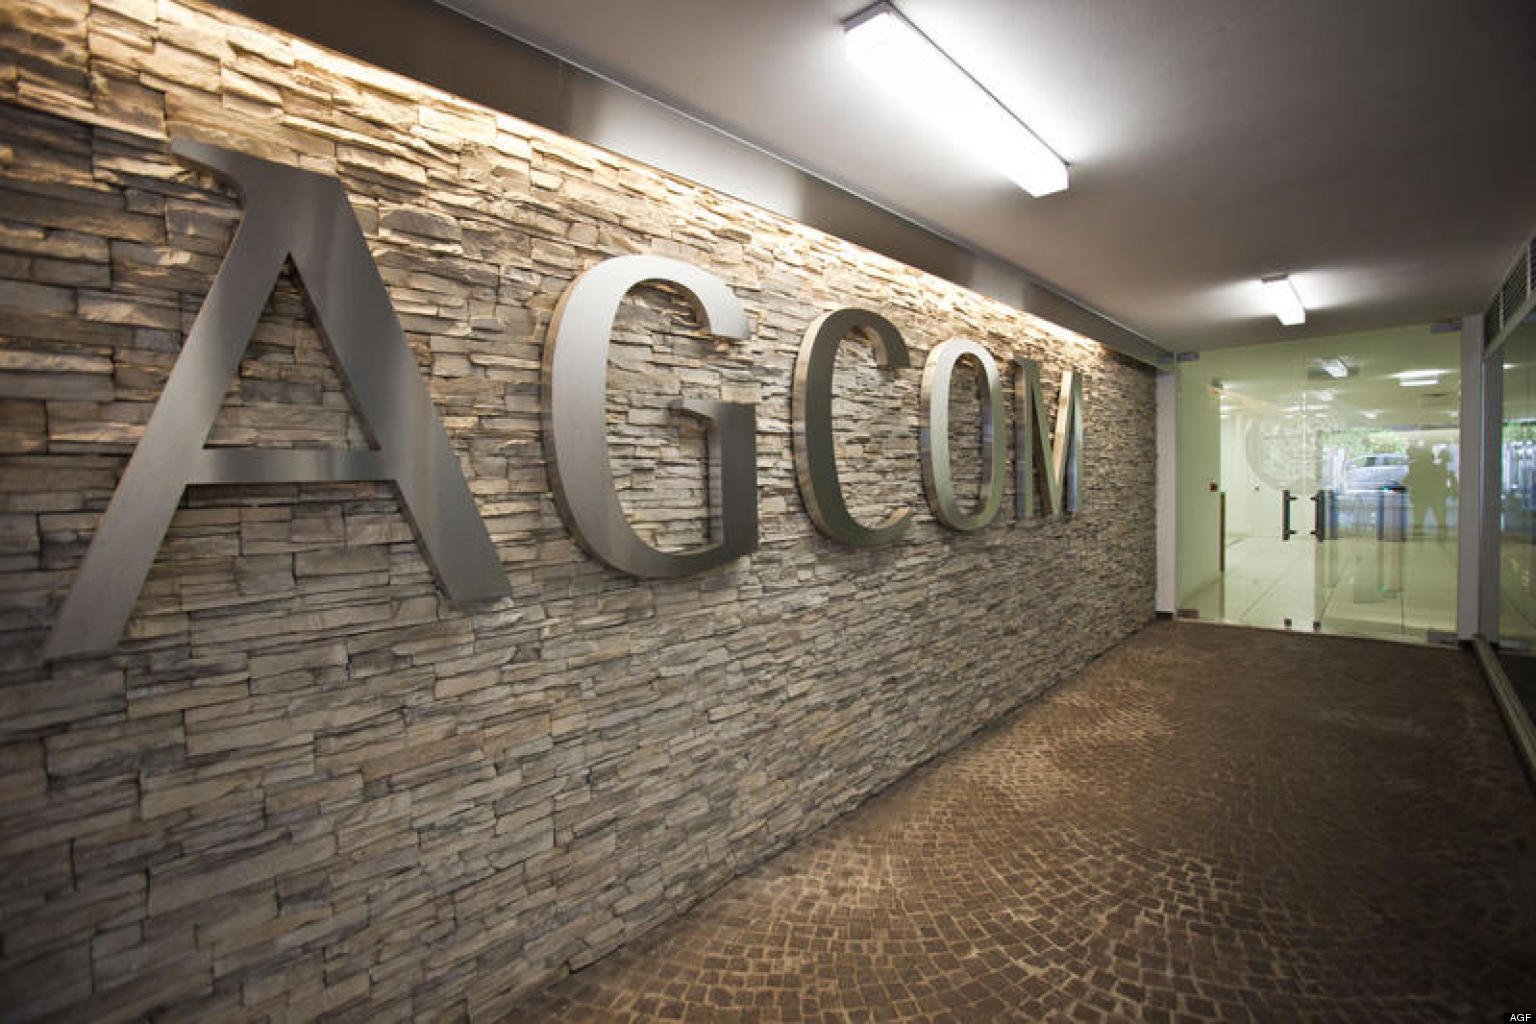 sede dell'Agicom, Autorità per le Garanzie nelle Comunicazioni